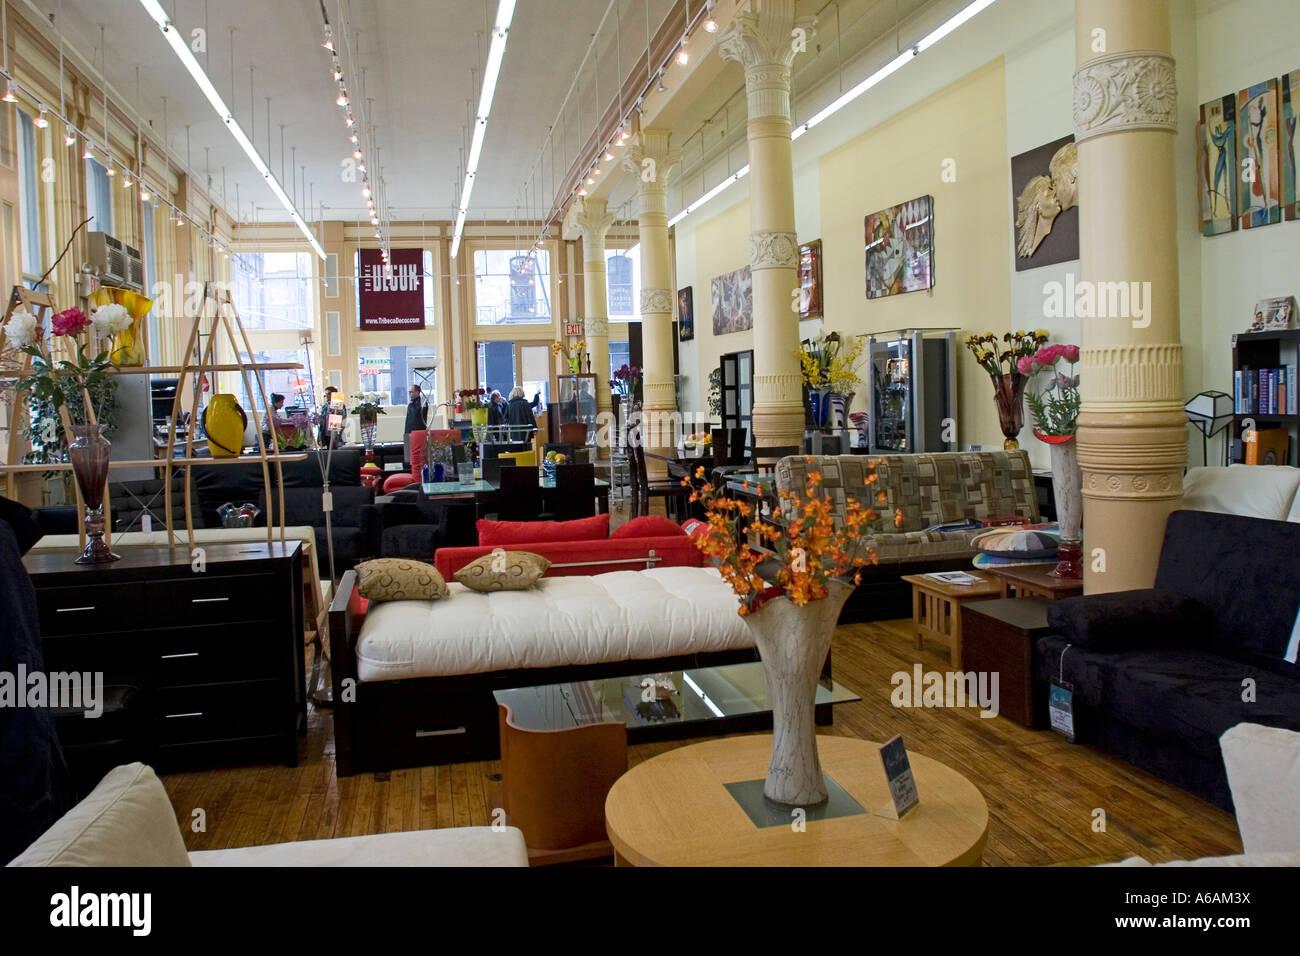 https://c8.alamy.com/compit/a6am3x/interno-di-arredamento-art-deco-e-oggetti-store-in-new-york-city-new-york-stati-uniti-damerica-a6am3x.jpg